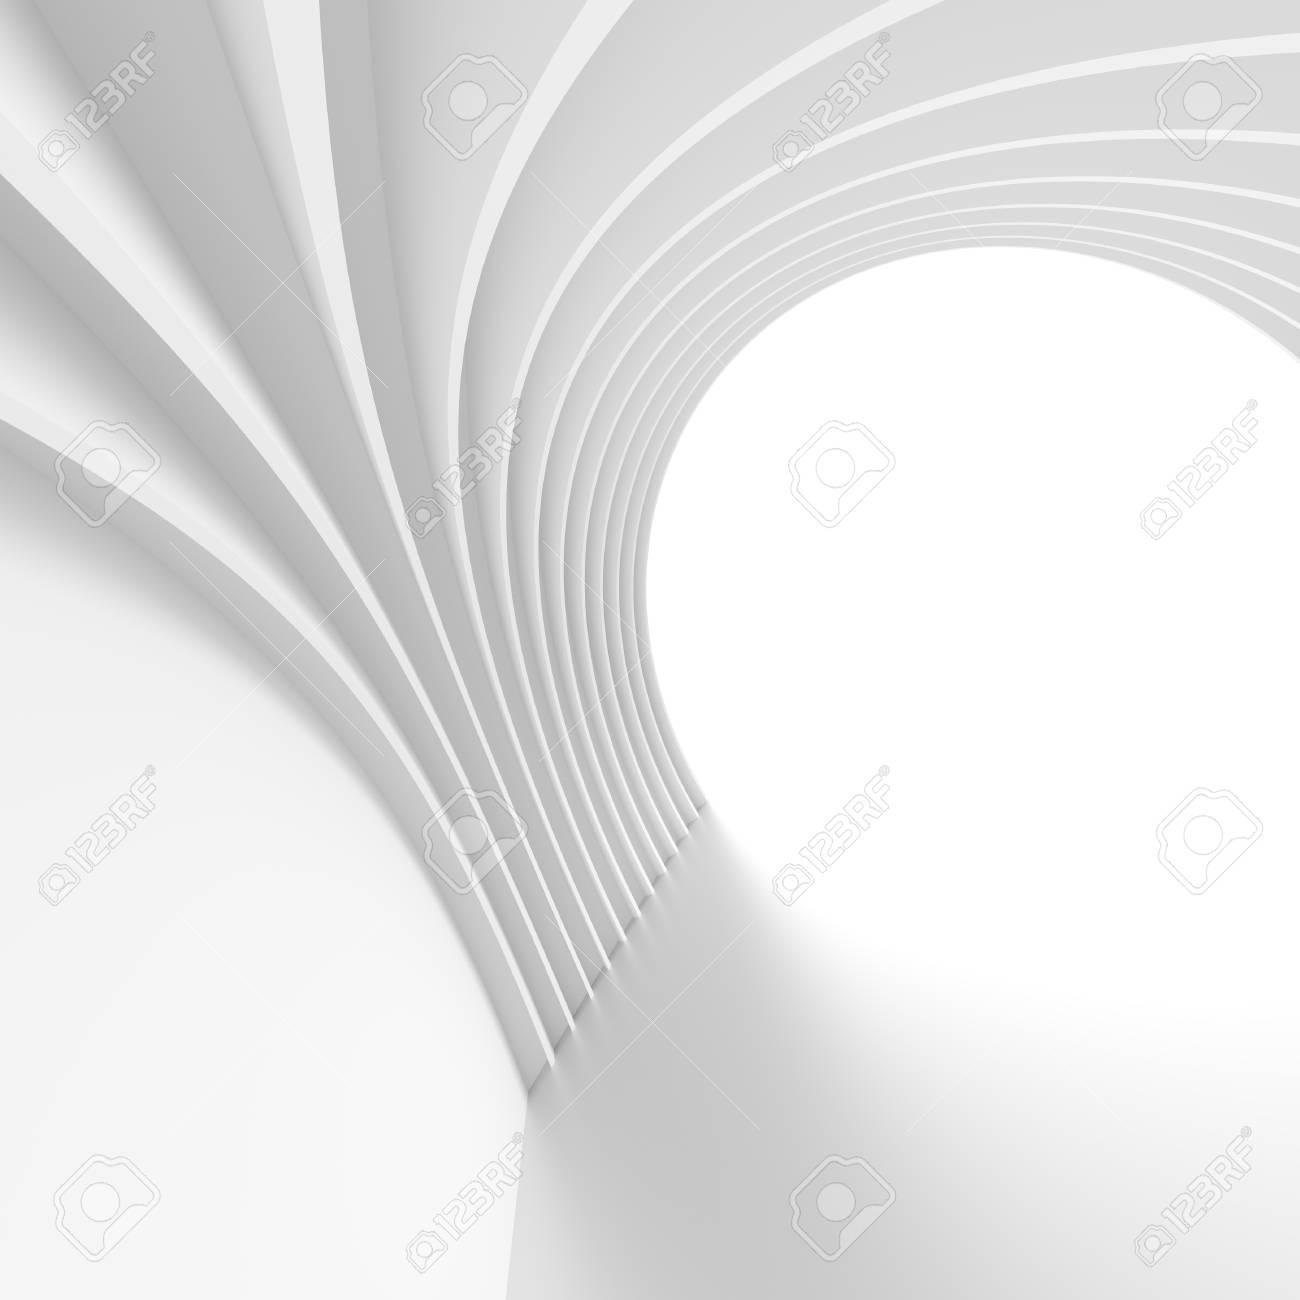 Moderne Architektur Hintergrund Weisses Kreisformiges Gebaude Minimal Geometric Wallpaper Futuristischer Tunnelentwurf 3D